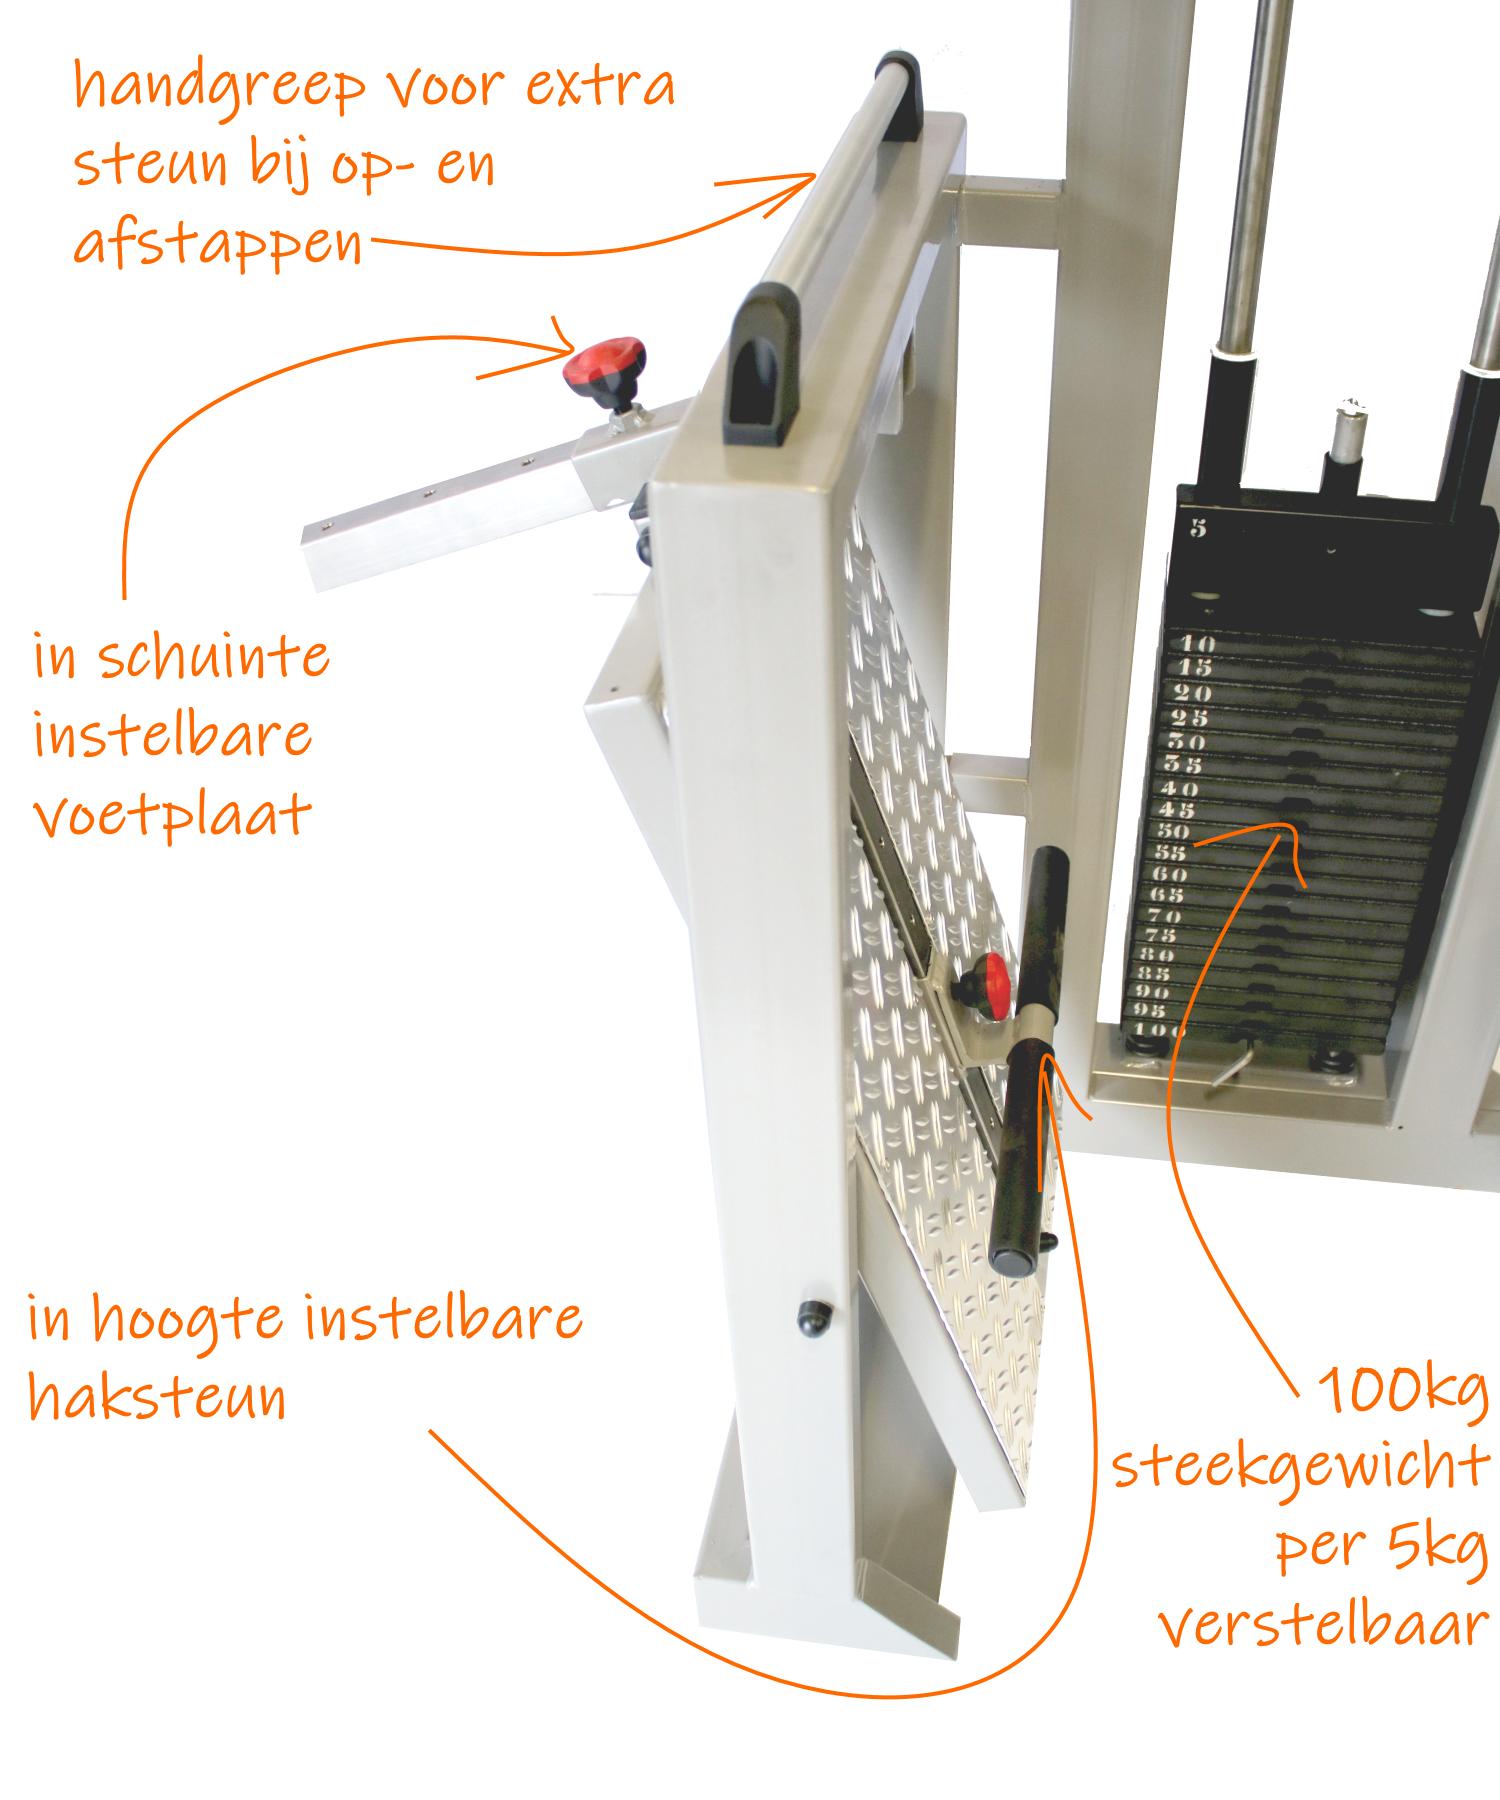 legpress-voetplaat-specificaties